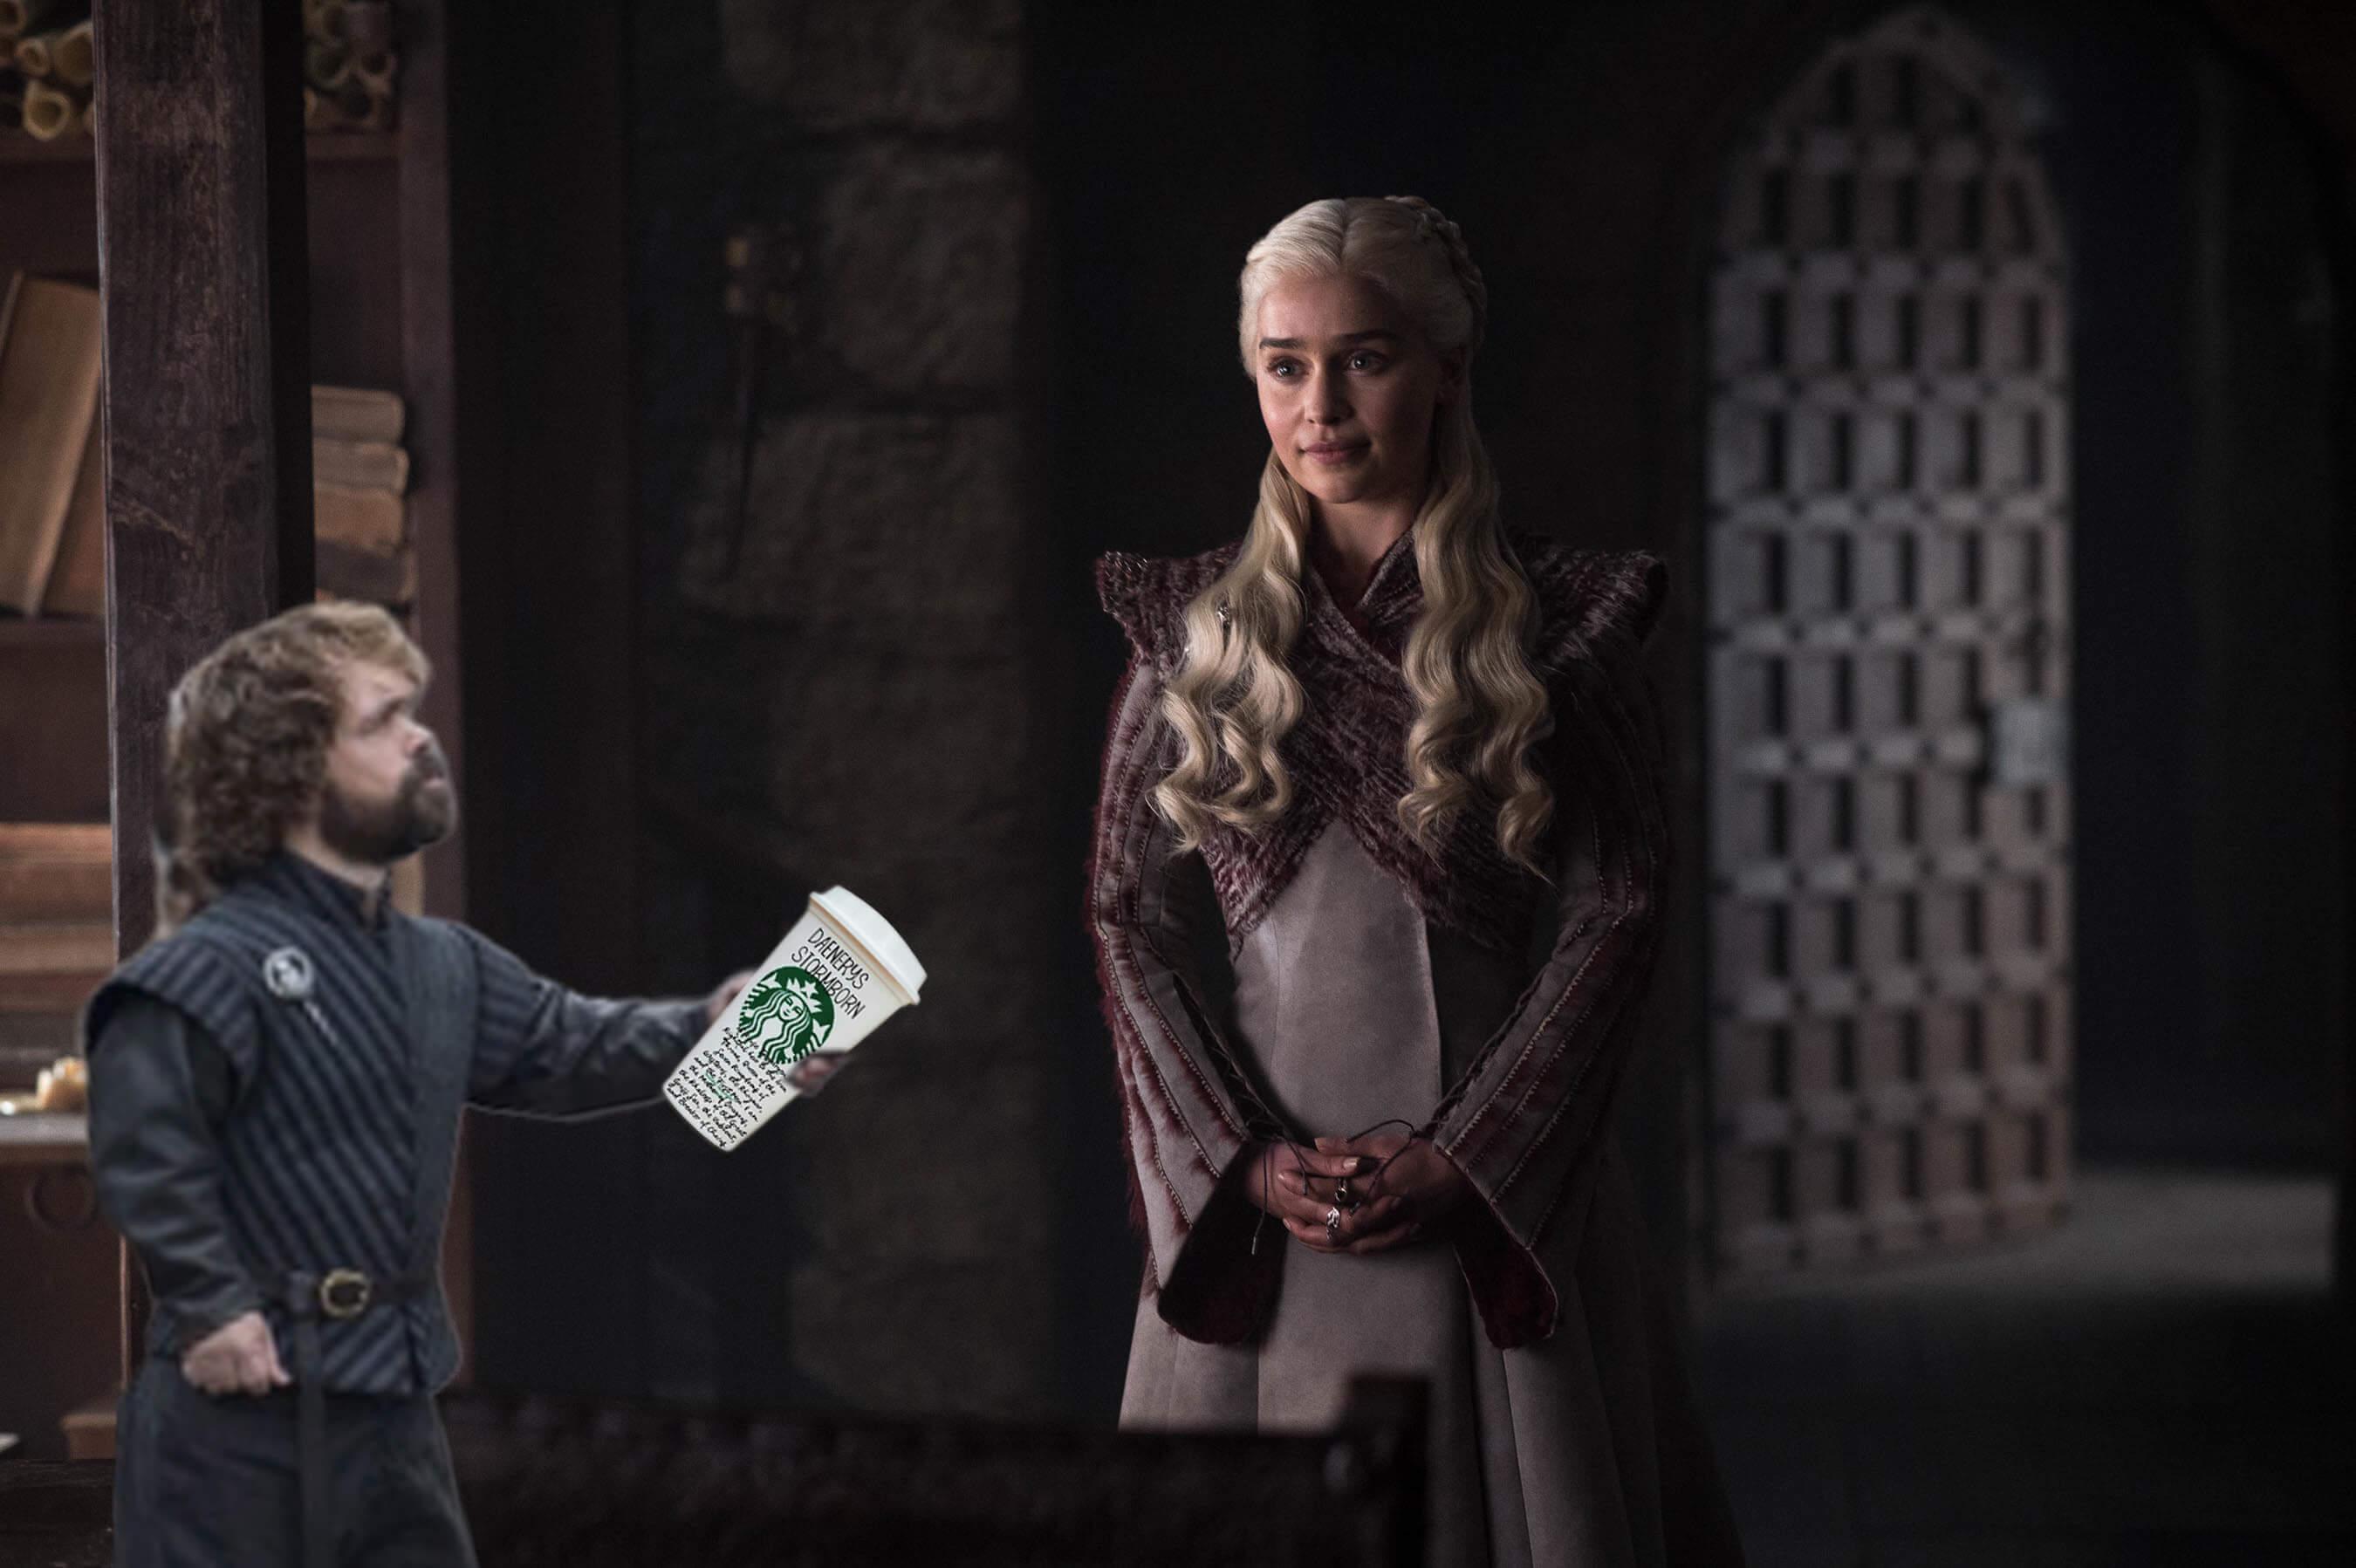 《冰與火之歌:權力遊戲》臨冬城裡龍后桌上的那杯「星巴克」  HBO的官方回應是 ──首圖